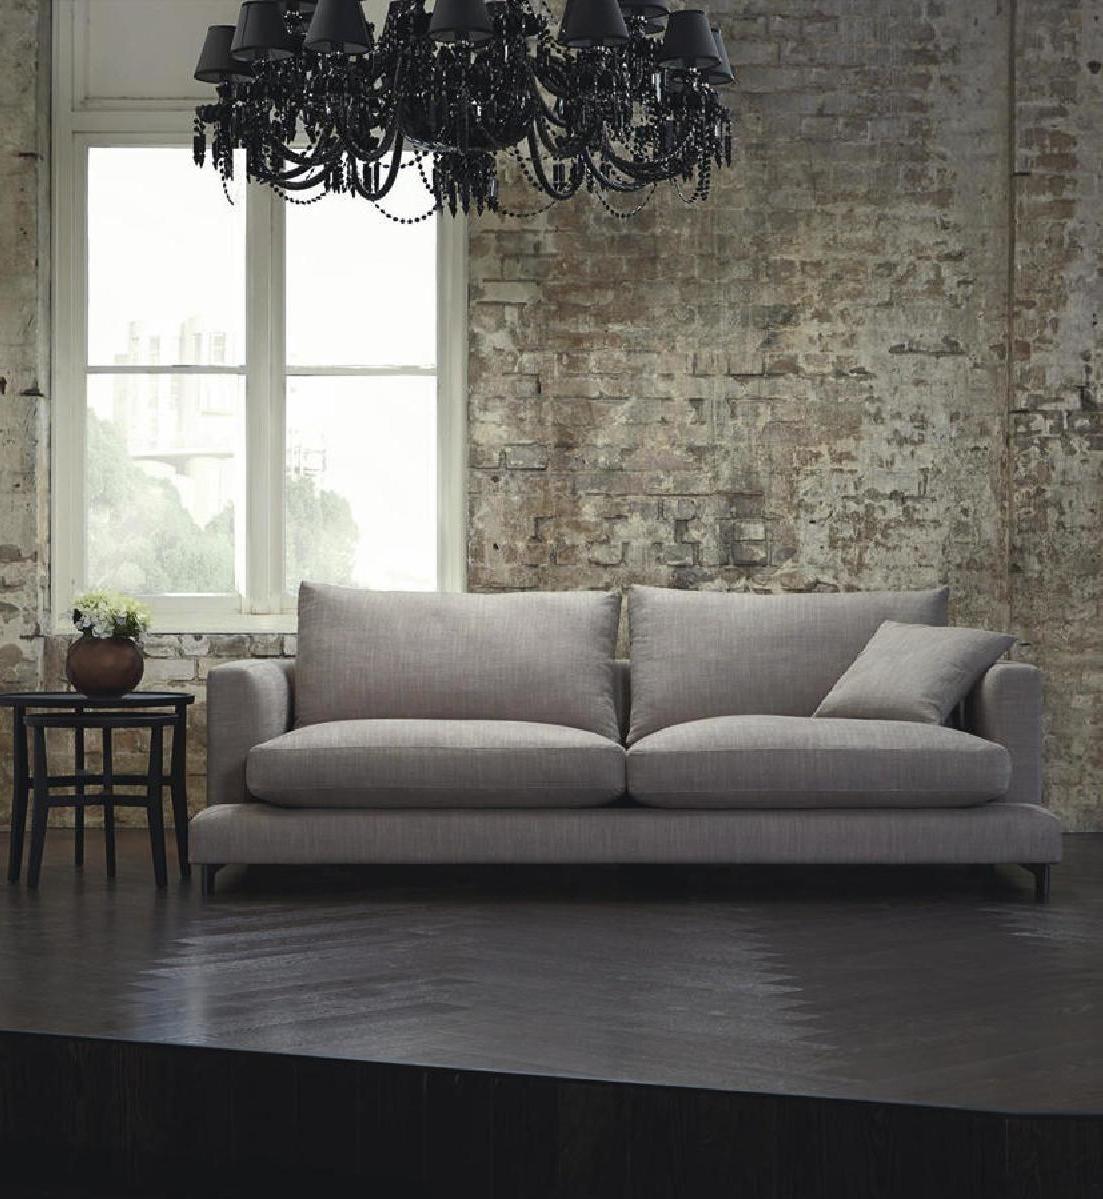 Lazytime plus sofa camerich - Camerich Sofa Vogue Living Australia